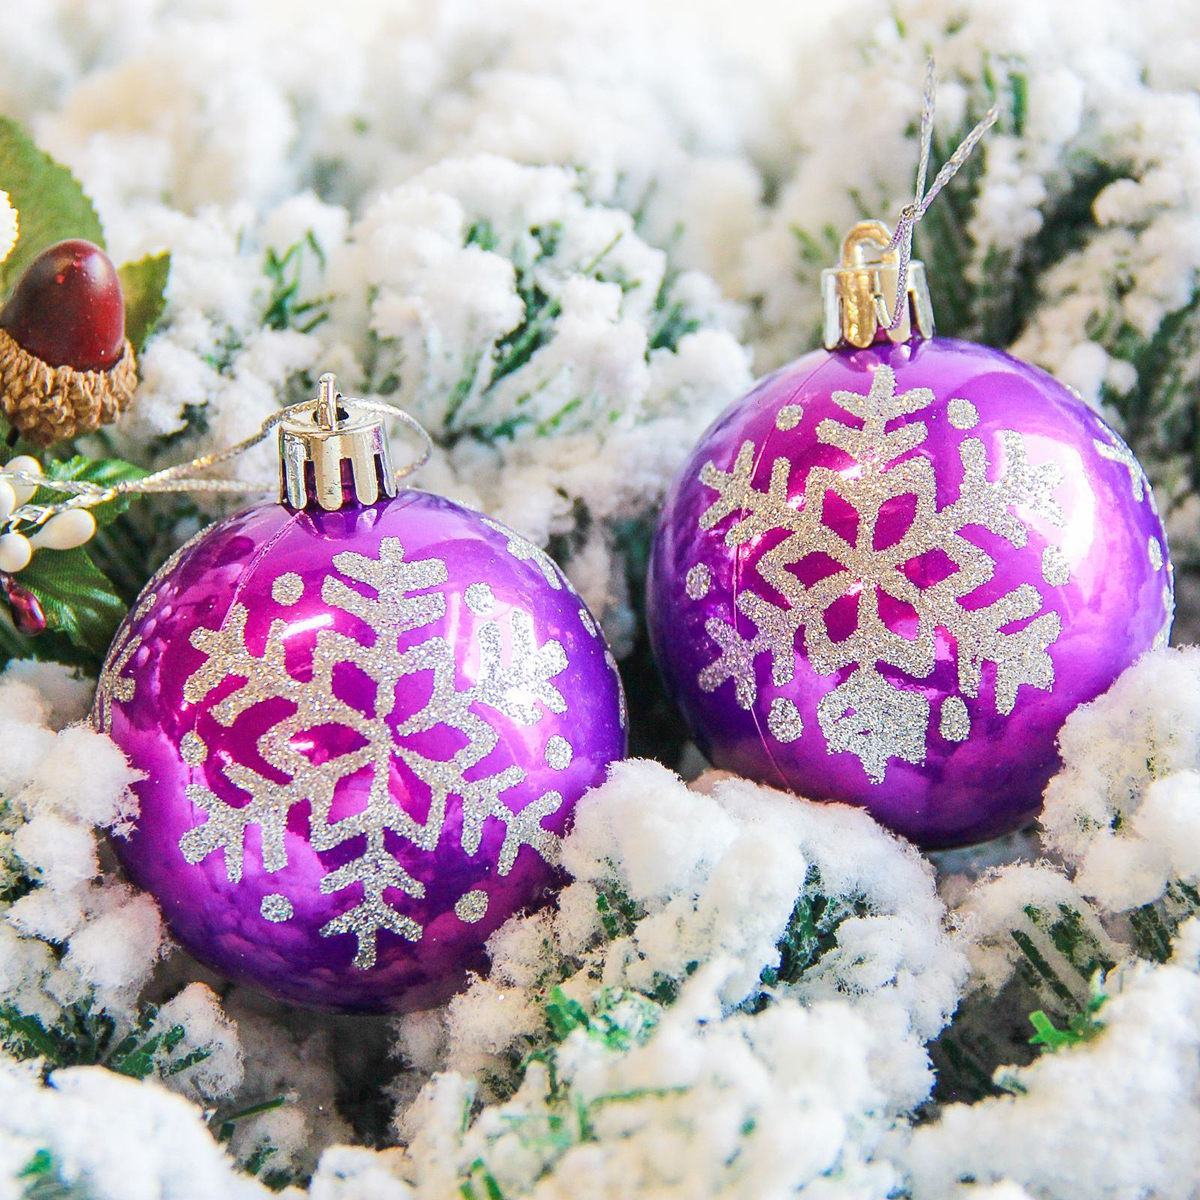 Набор новогодних подвесных украшений Sima-land Снежинка капель, цвет: фиолетовый, диаметр 6 см, 6 шт2178184Набор новогодних подвесных украшений Sima-land отлично подойдет для декорации вашего дома и новогодней ели. С помощью специальной петельки украшение можно повесить в любом понравившемся вам месте. Но, конечно, удачнее всего оно будет смотреться на праздничной елке. Елочная игрушка - символ Нового года. Она несет в себе волшебство и красоту праздника. Создайте в своем доме атмосферу веселья и радости, украшая новогоднюю елку нарядными игрушками, которые будут из года в год накапливать теплоту воспоминаний.